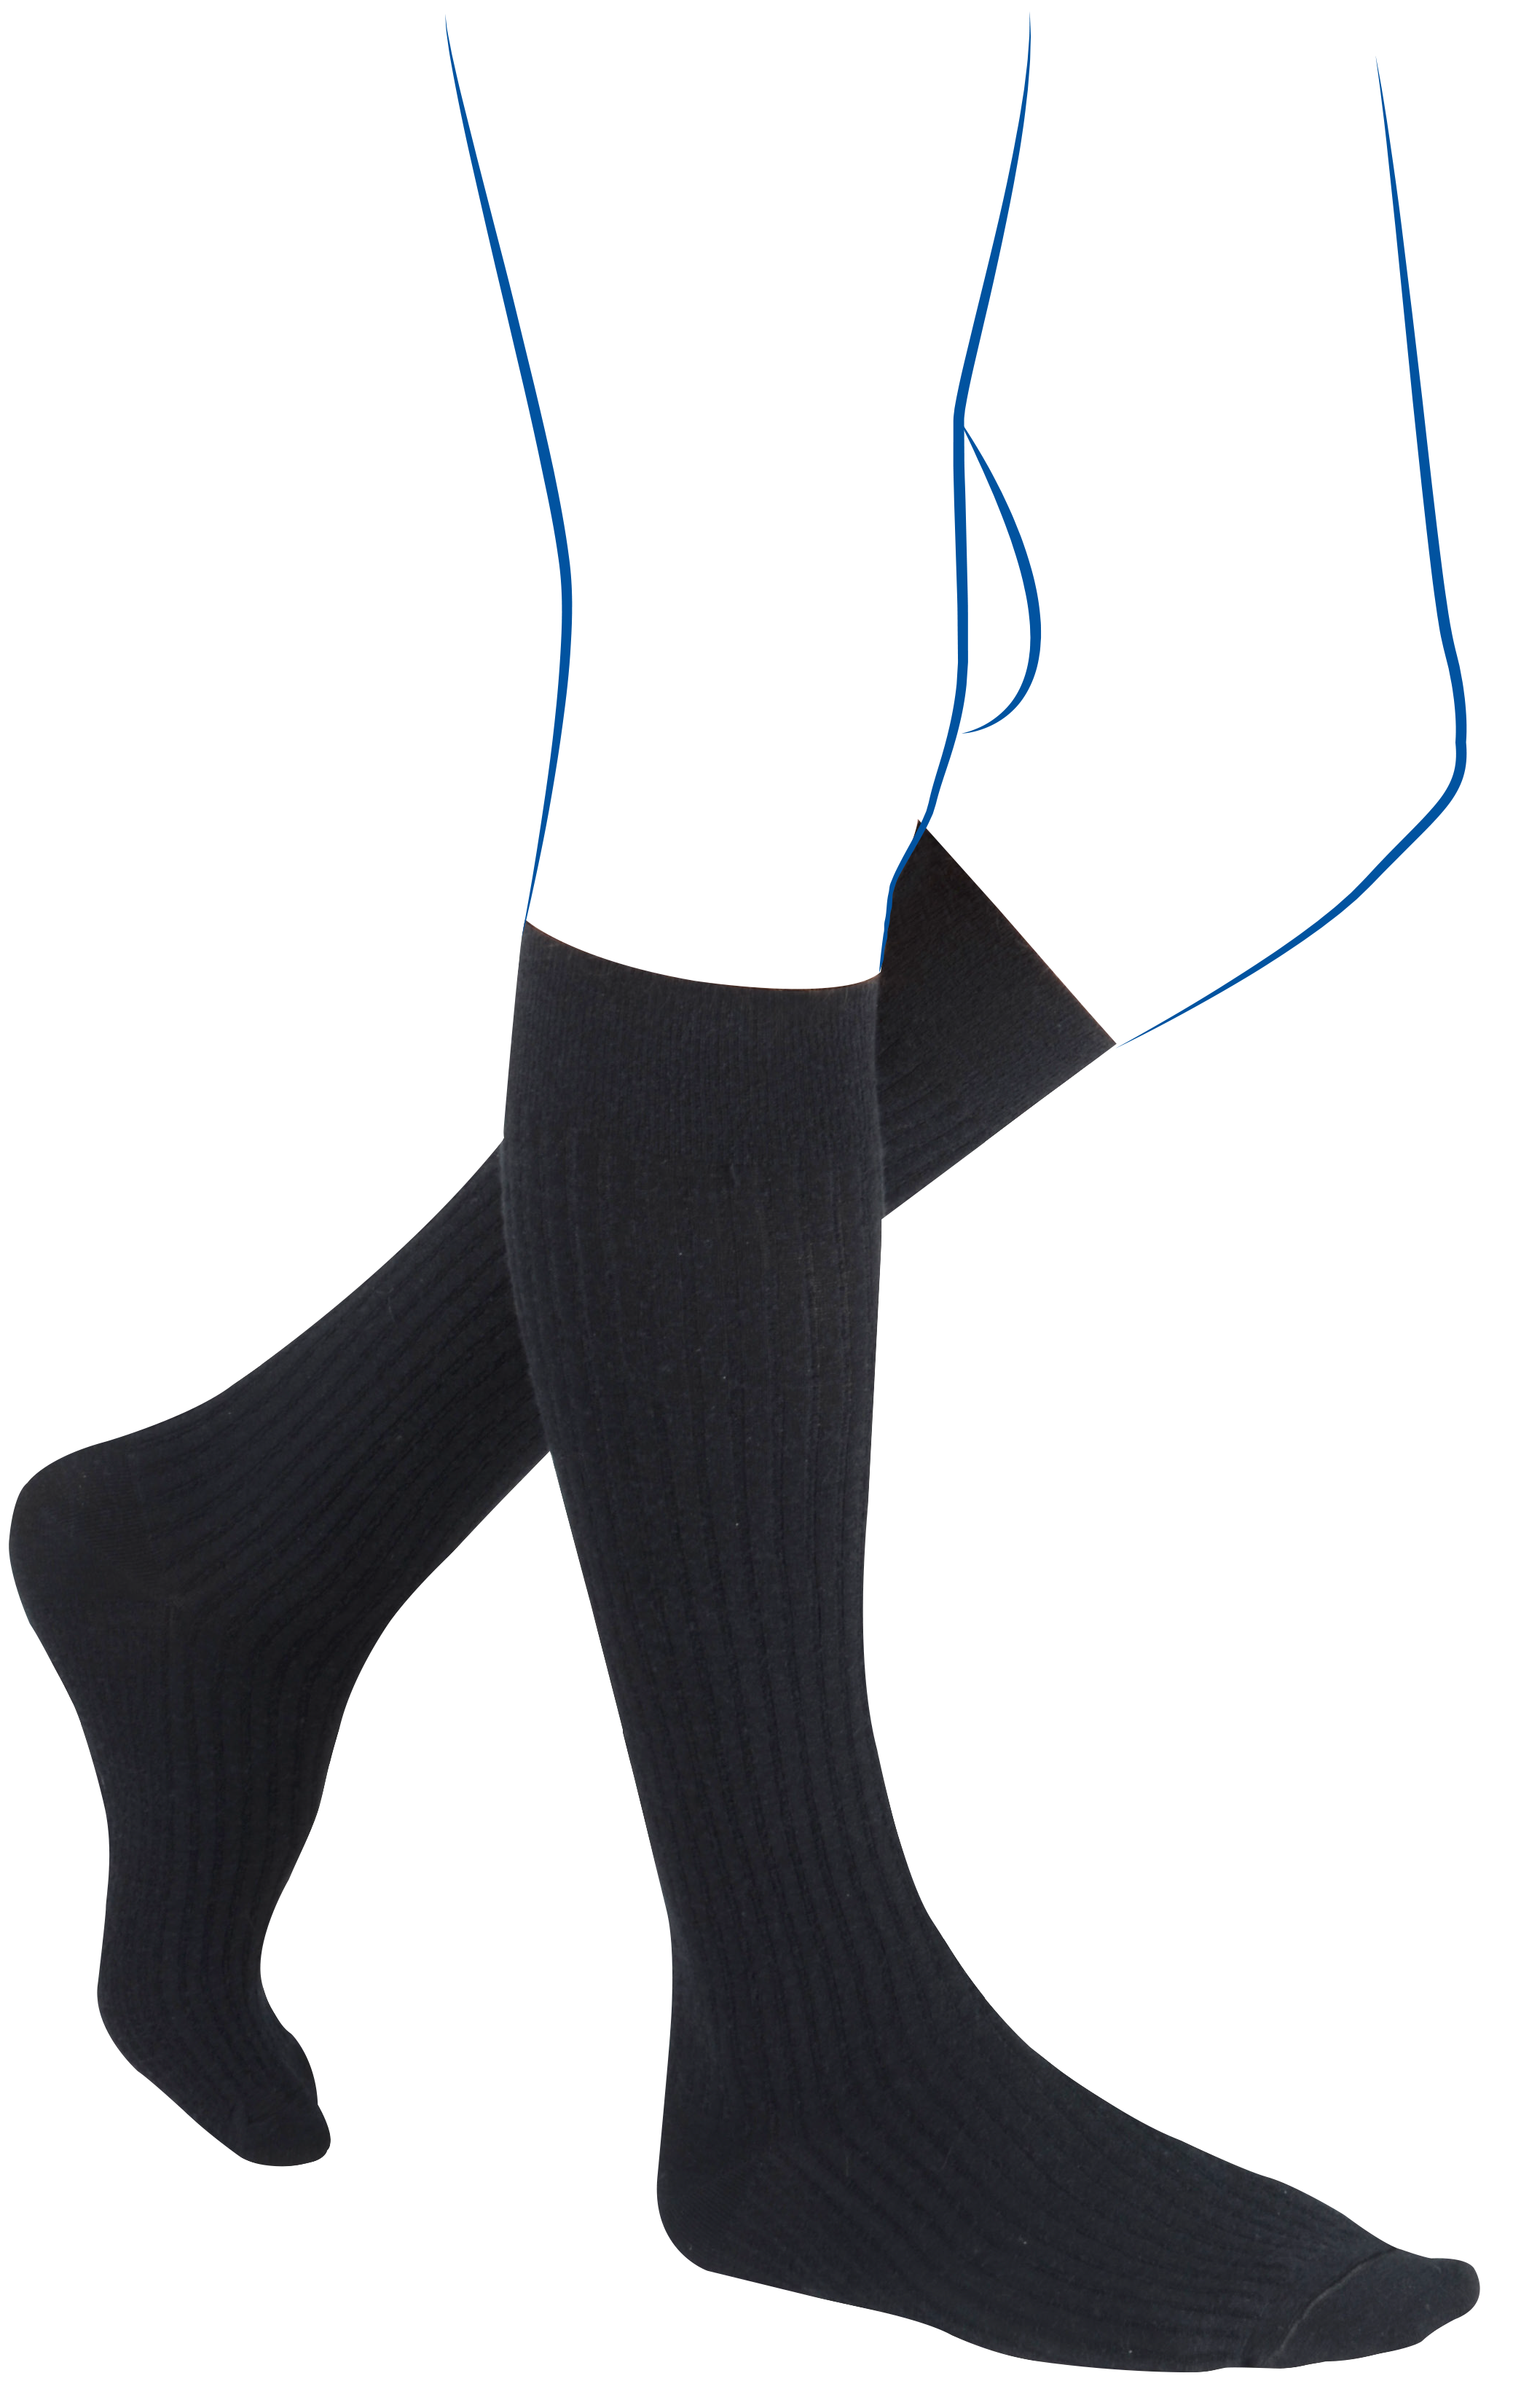 Chaussette de contention homme classe 3 venoflex fast line THUASNE